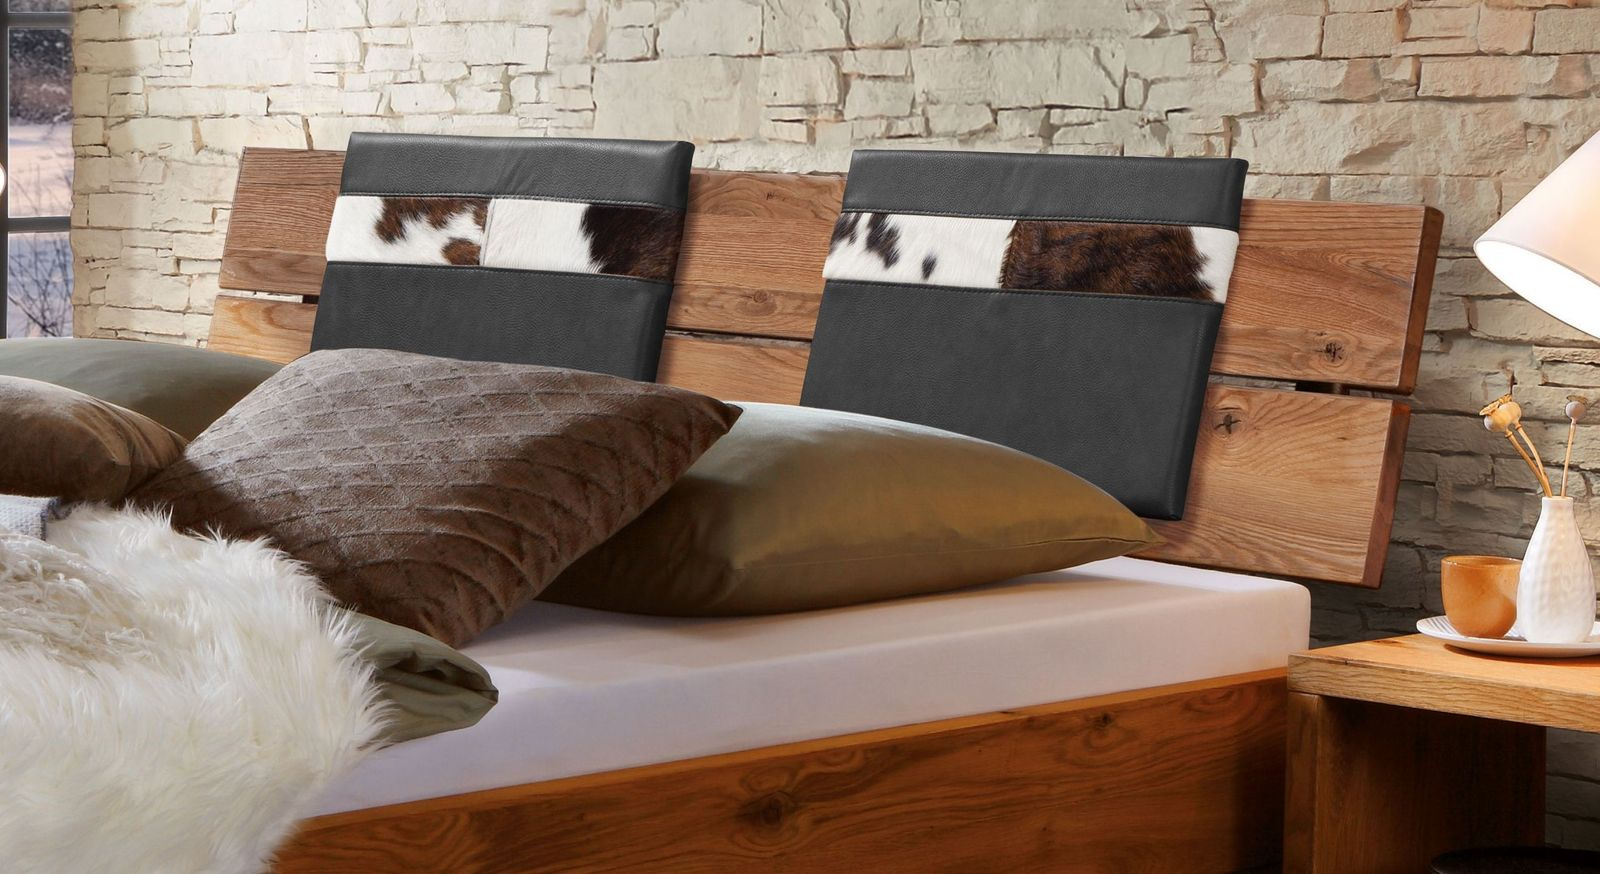 Einsteck-Kissen Mallero aus Luxus-Kunstleder mit Fell in rustikalem Stil